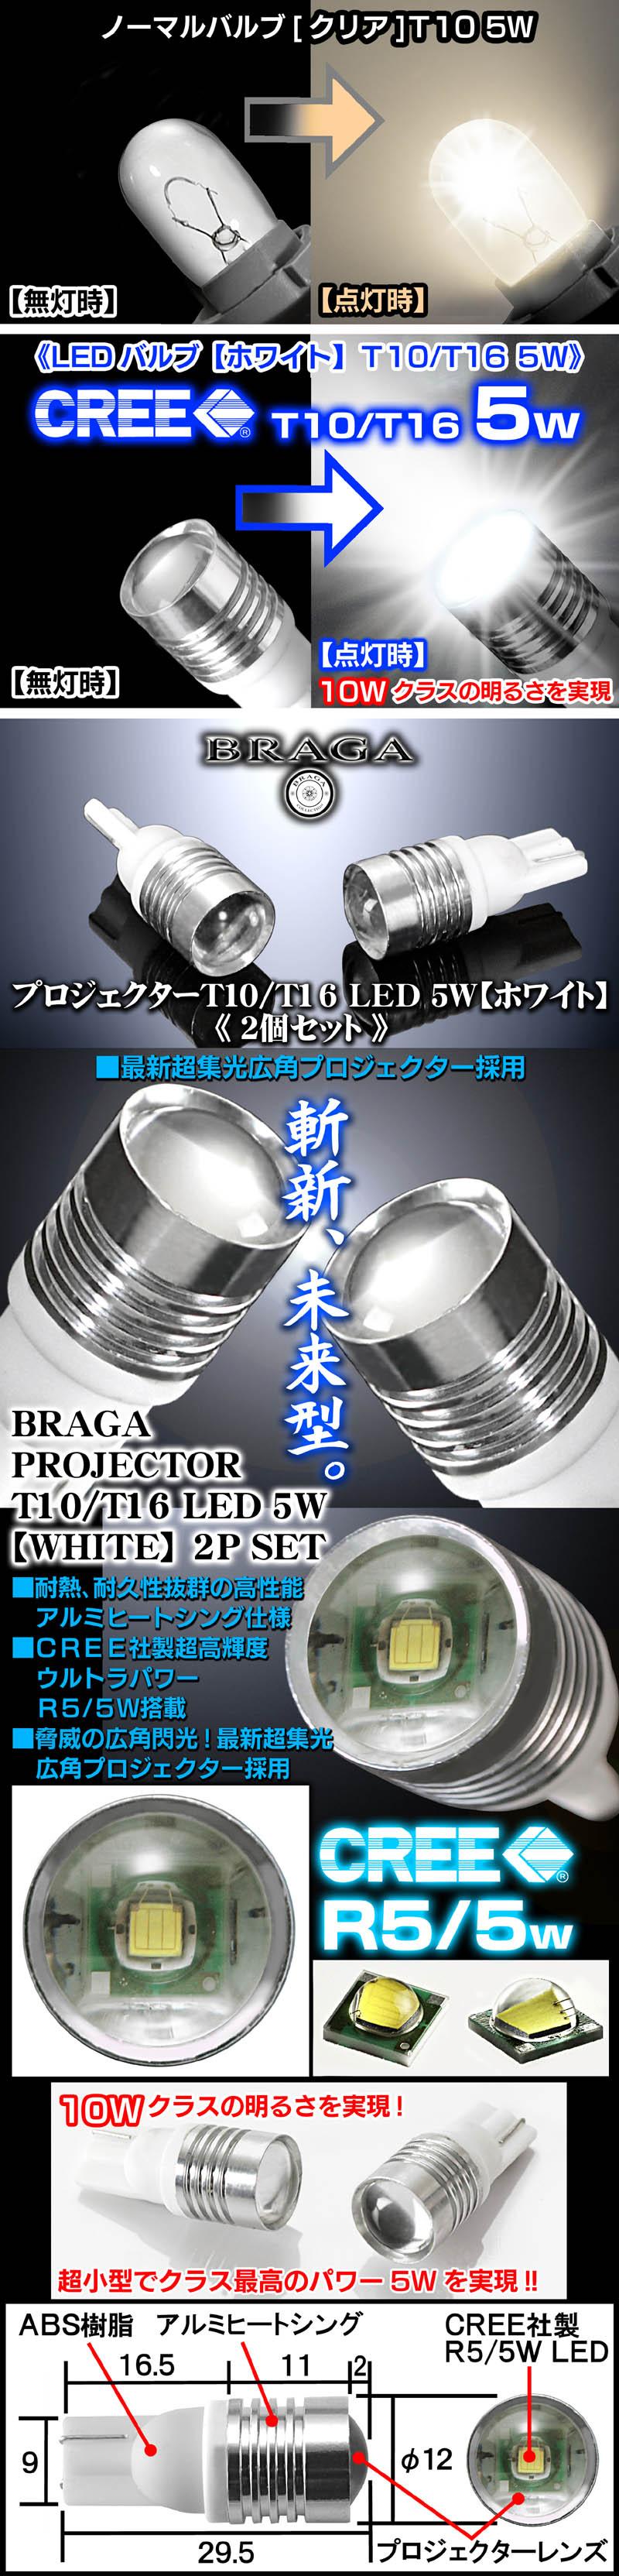 【T10/T16/5W バックランプCREE製LEDプロジェクターバルブ【ホワイト/白】10Wクラスの光を実現《2個》ブラガ】